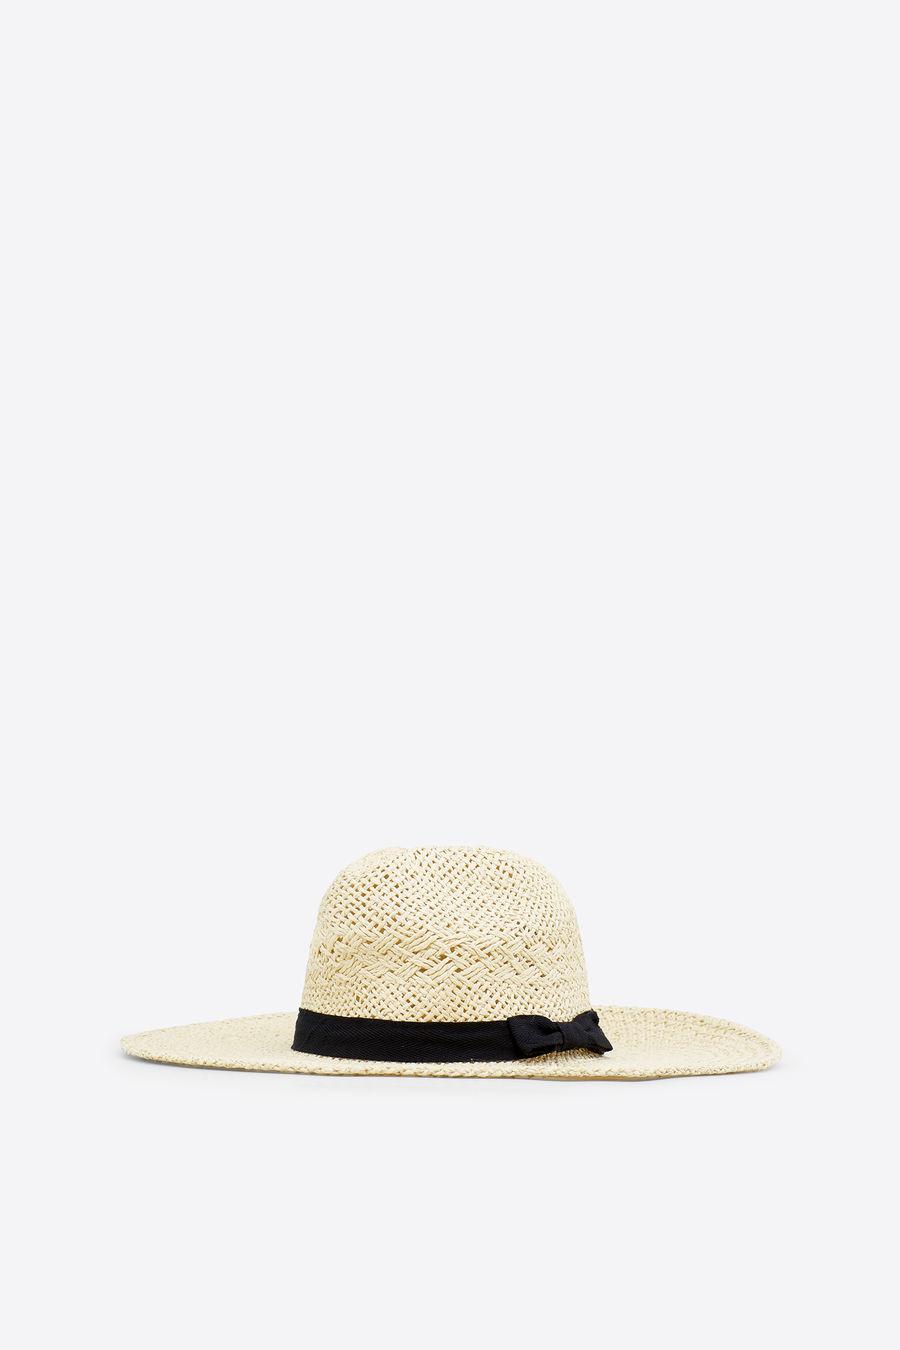 5 sombreros top (y rebajados) de Women secret - Dream Alcalá f8da105cf27